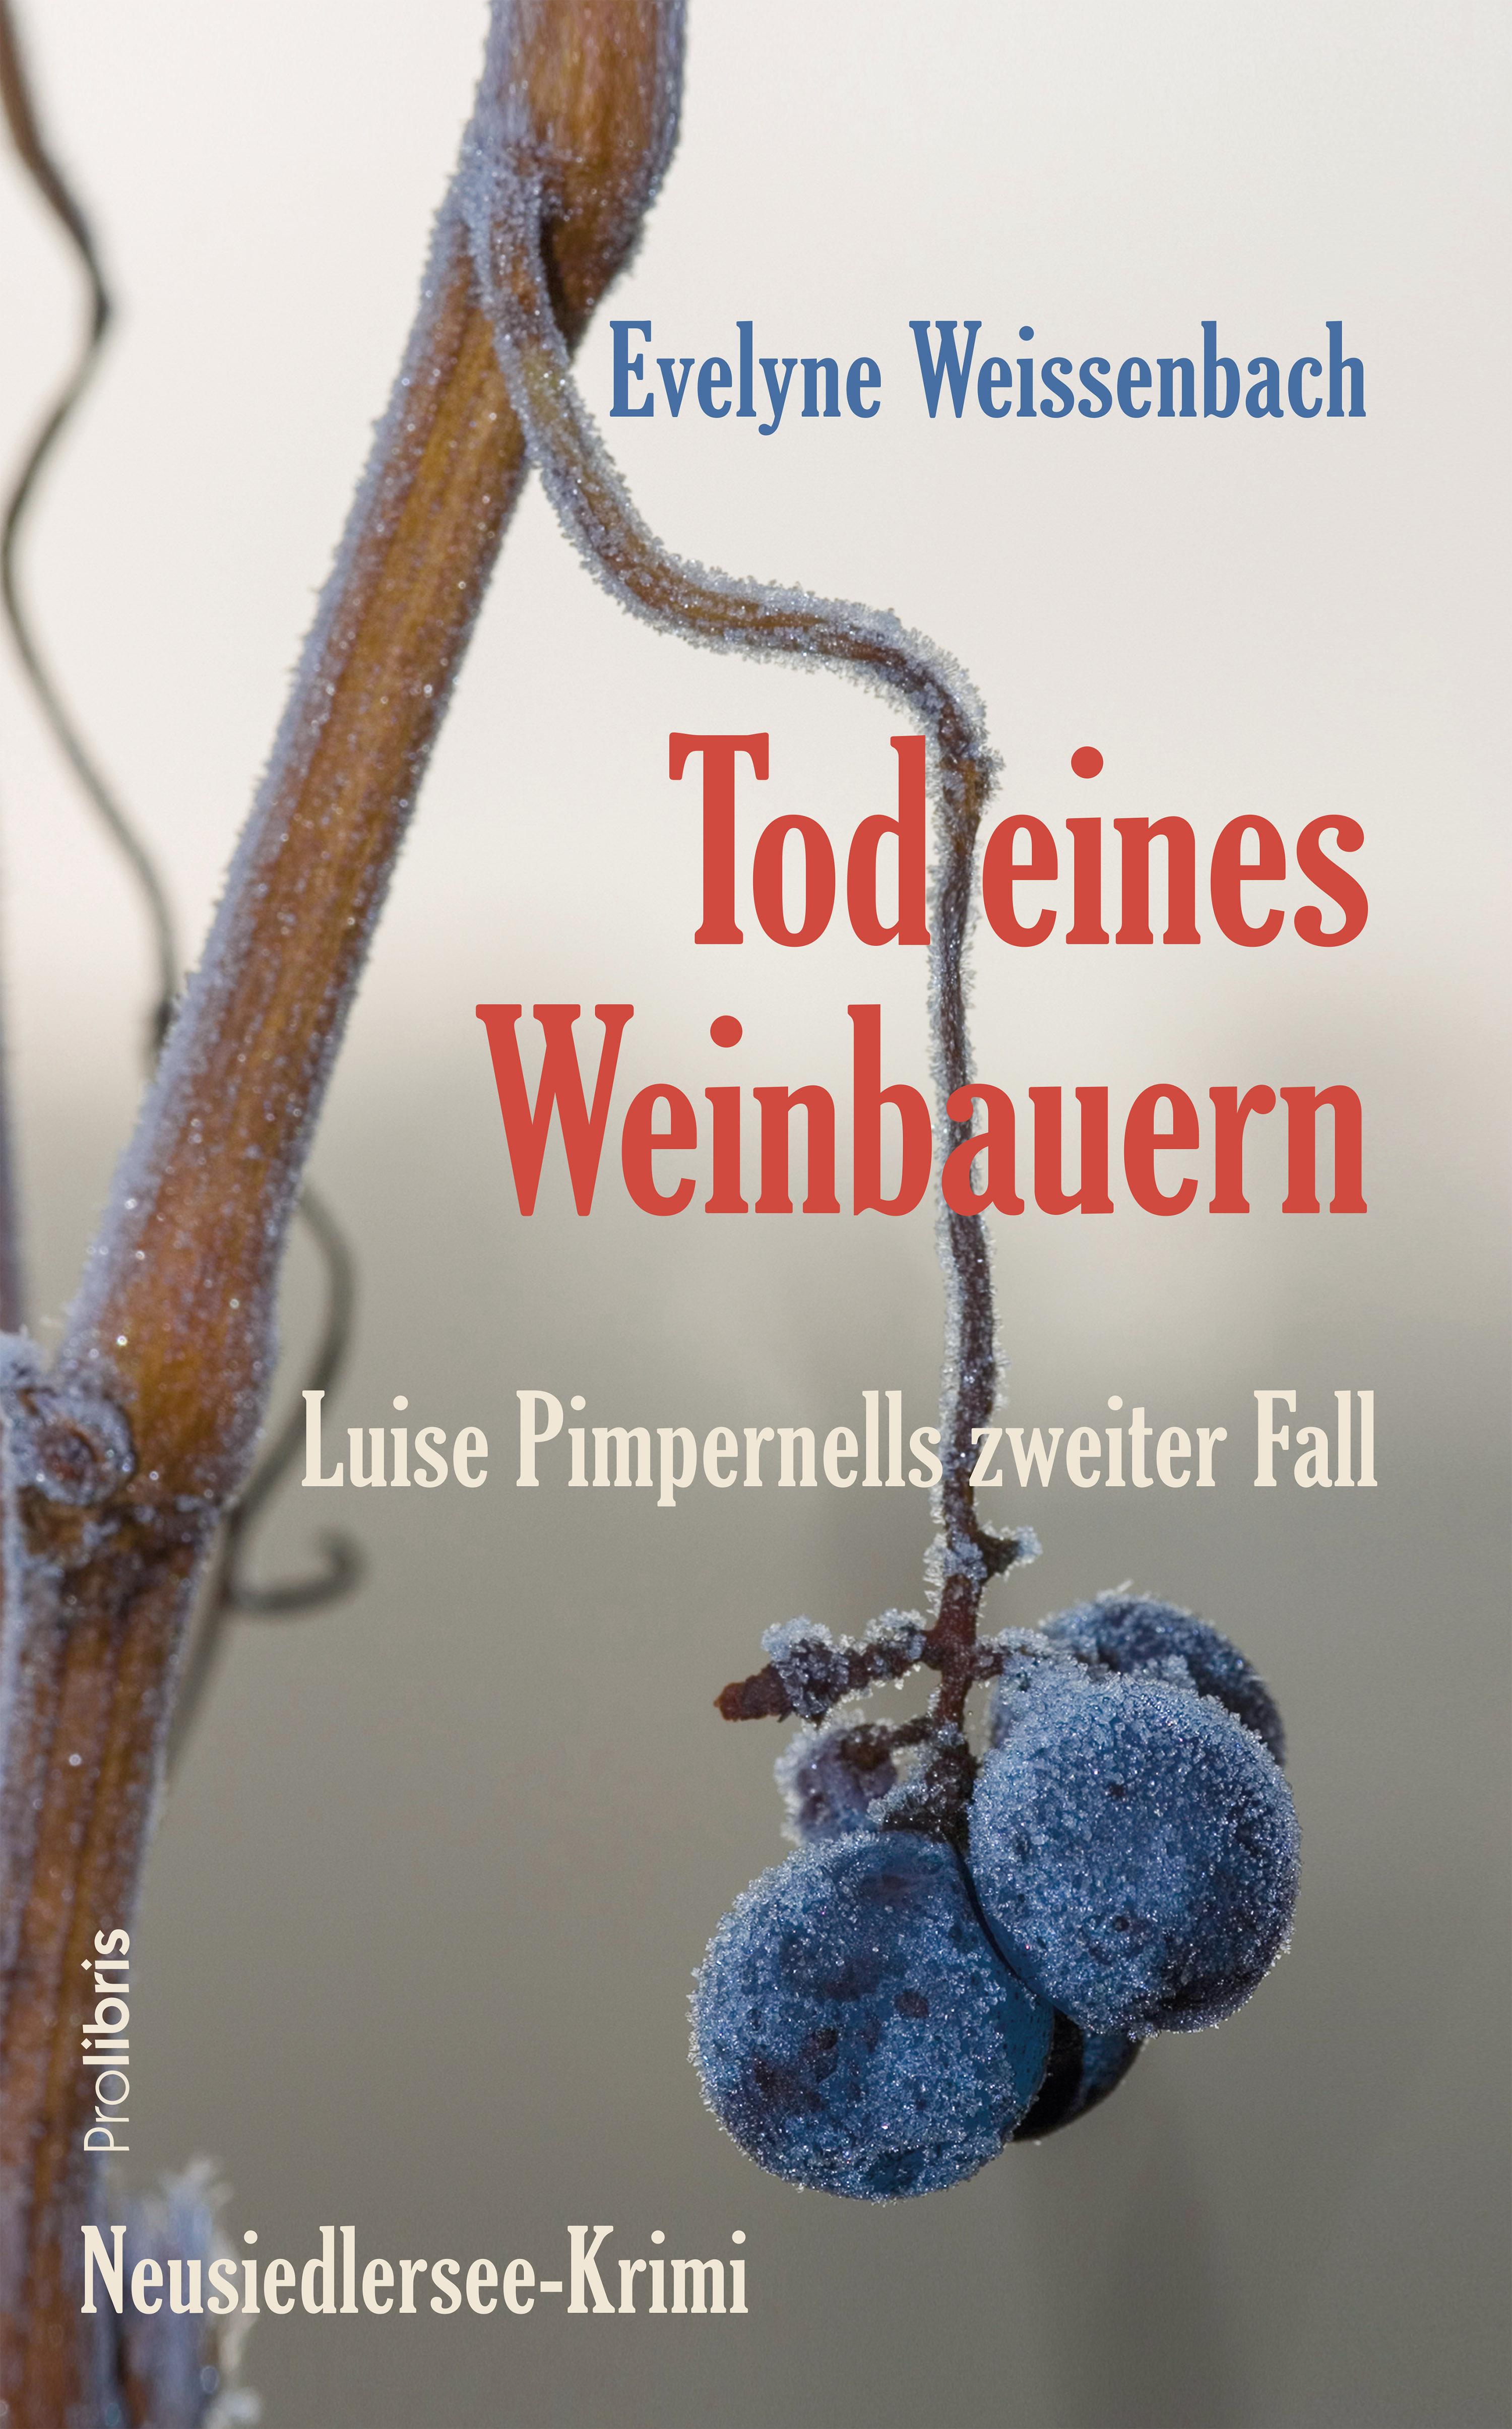 цена Evelyne Weissenbach Tod eines Weinbauern онлайн в 2017 году